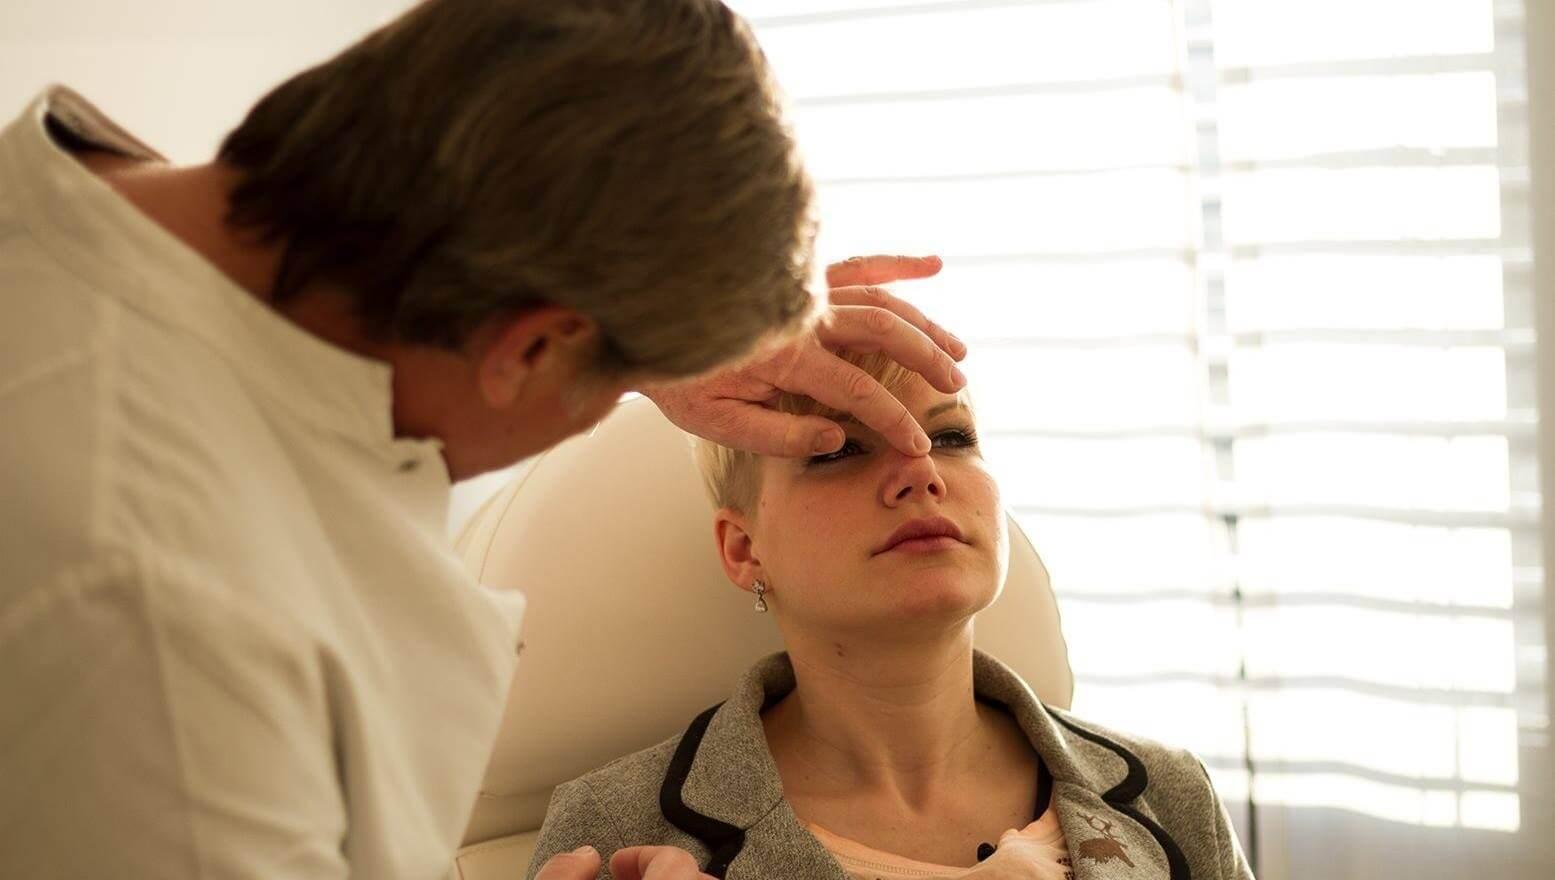 Nasenspitzenkorrektur